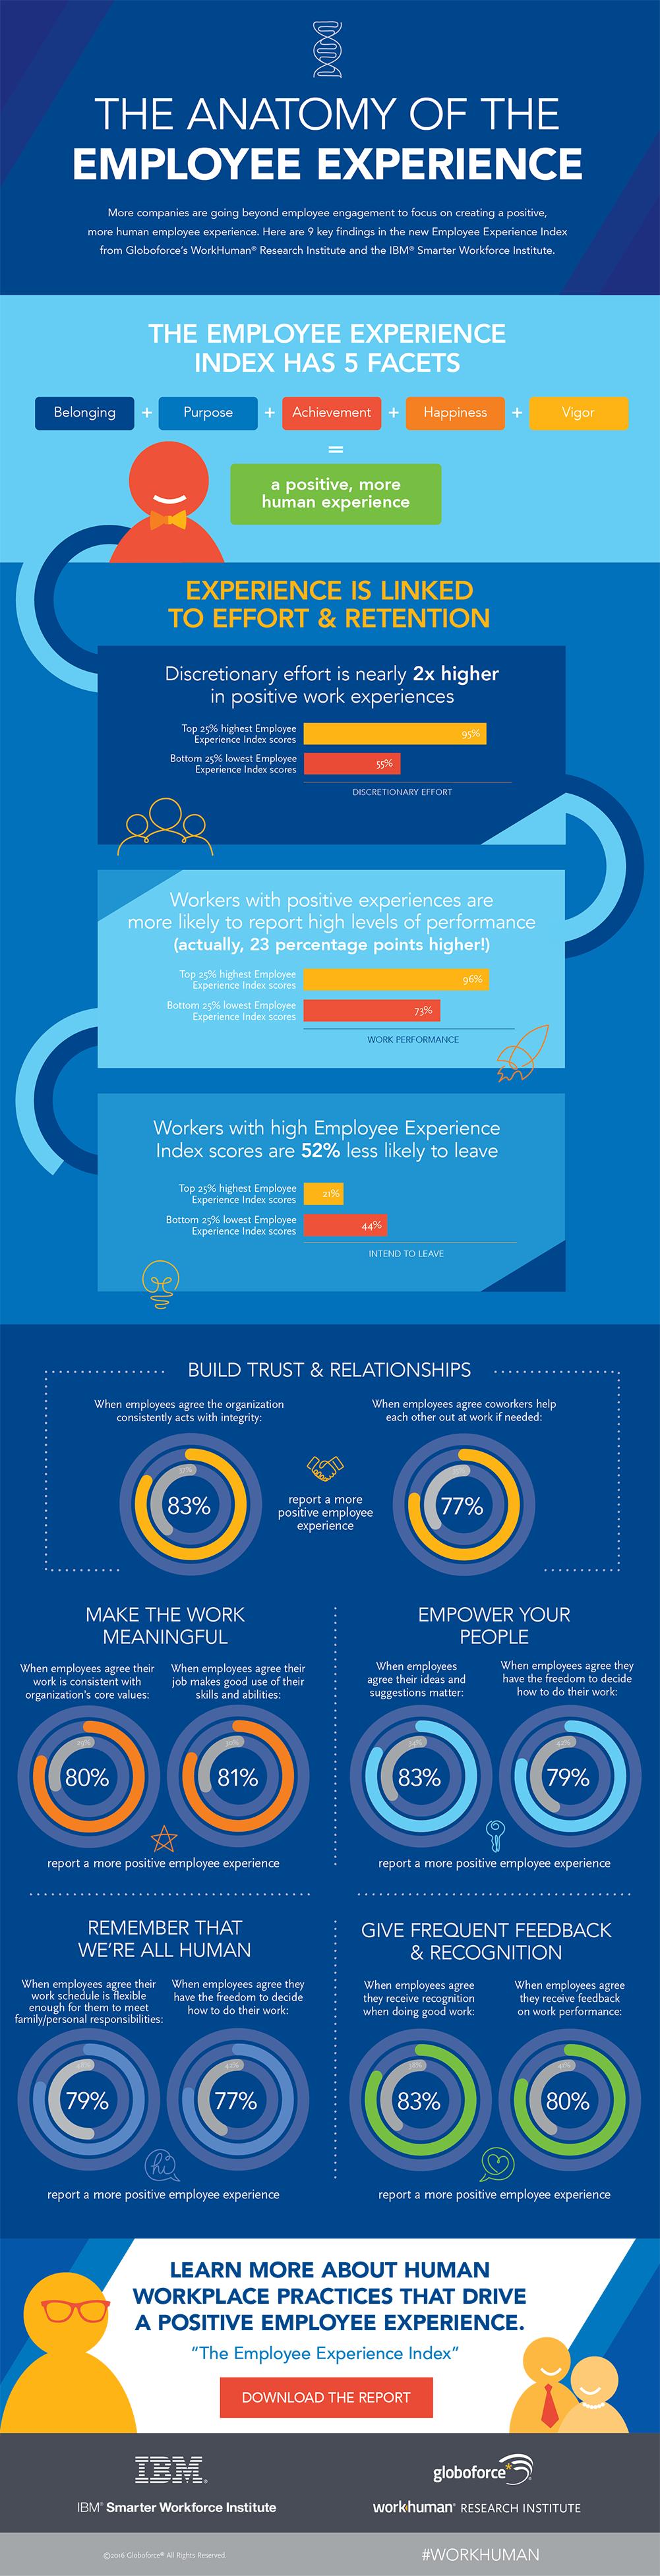 IBM_Infographic